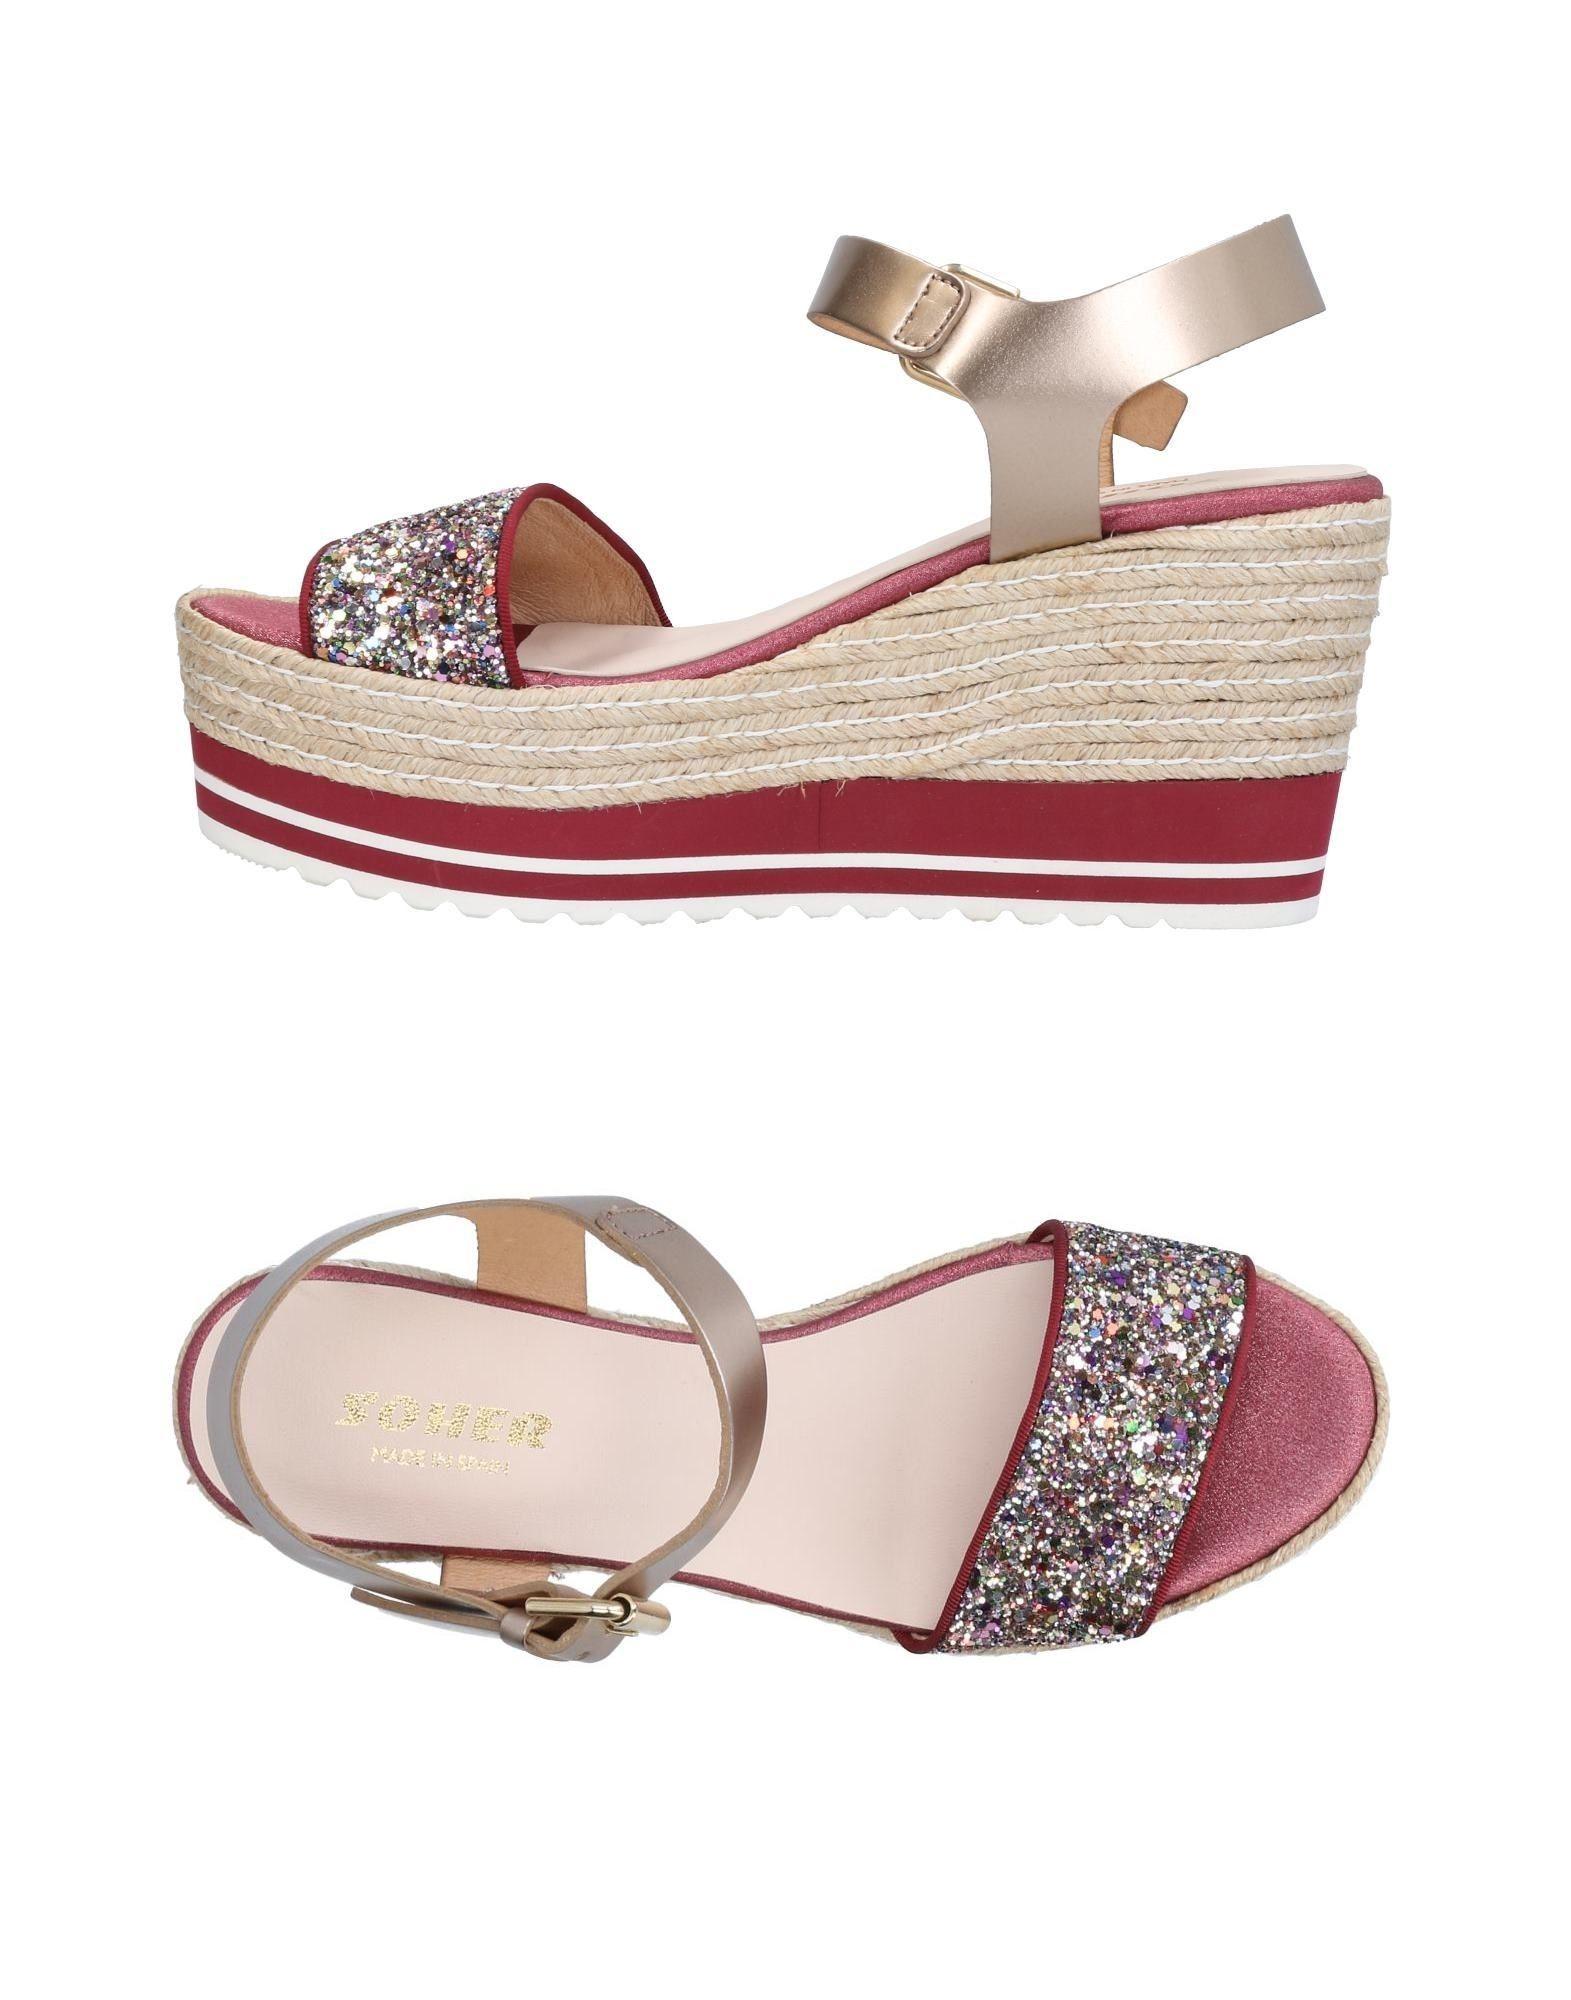 Soher Sandalen Damen  11460525BR Gute Qualität beliebte Schuhe